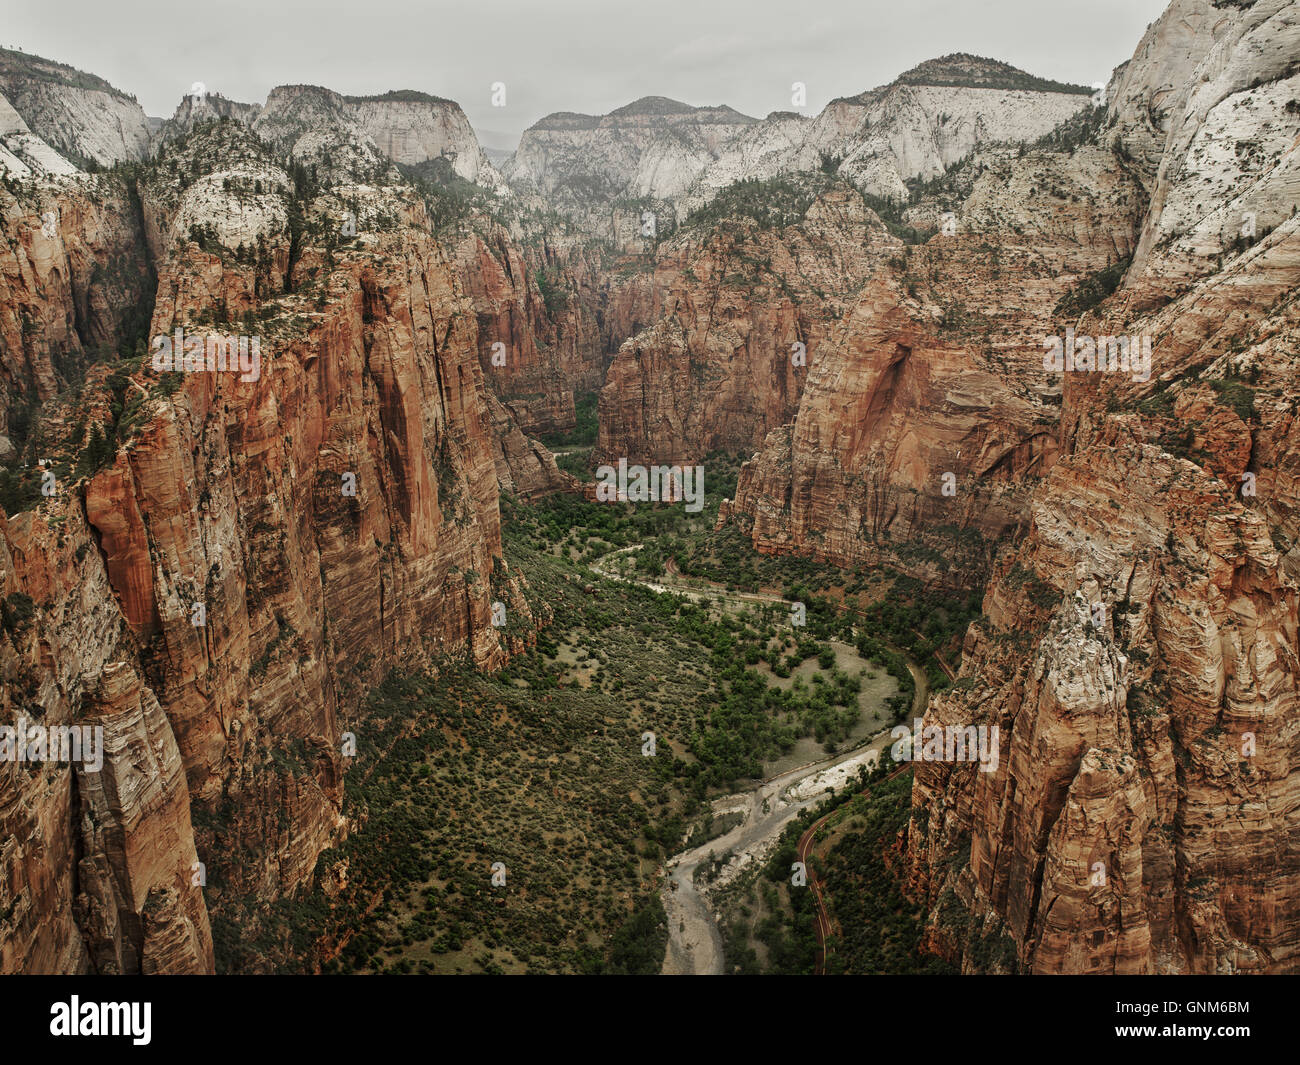 La vedetta dalla sommità del Angel's Landing nel Parco Nazionale di Zion Immagini Stock